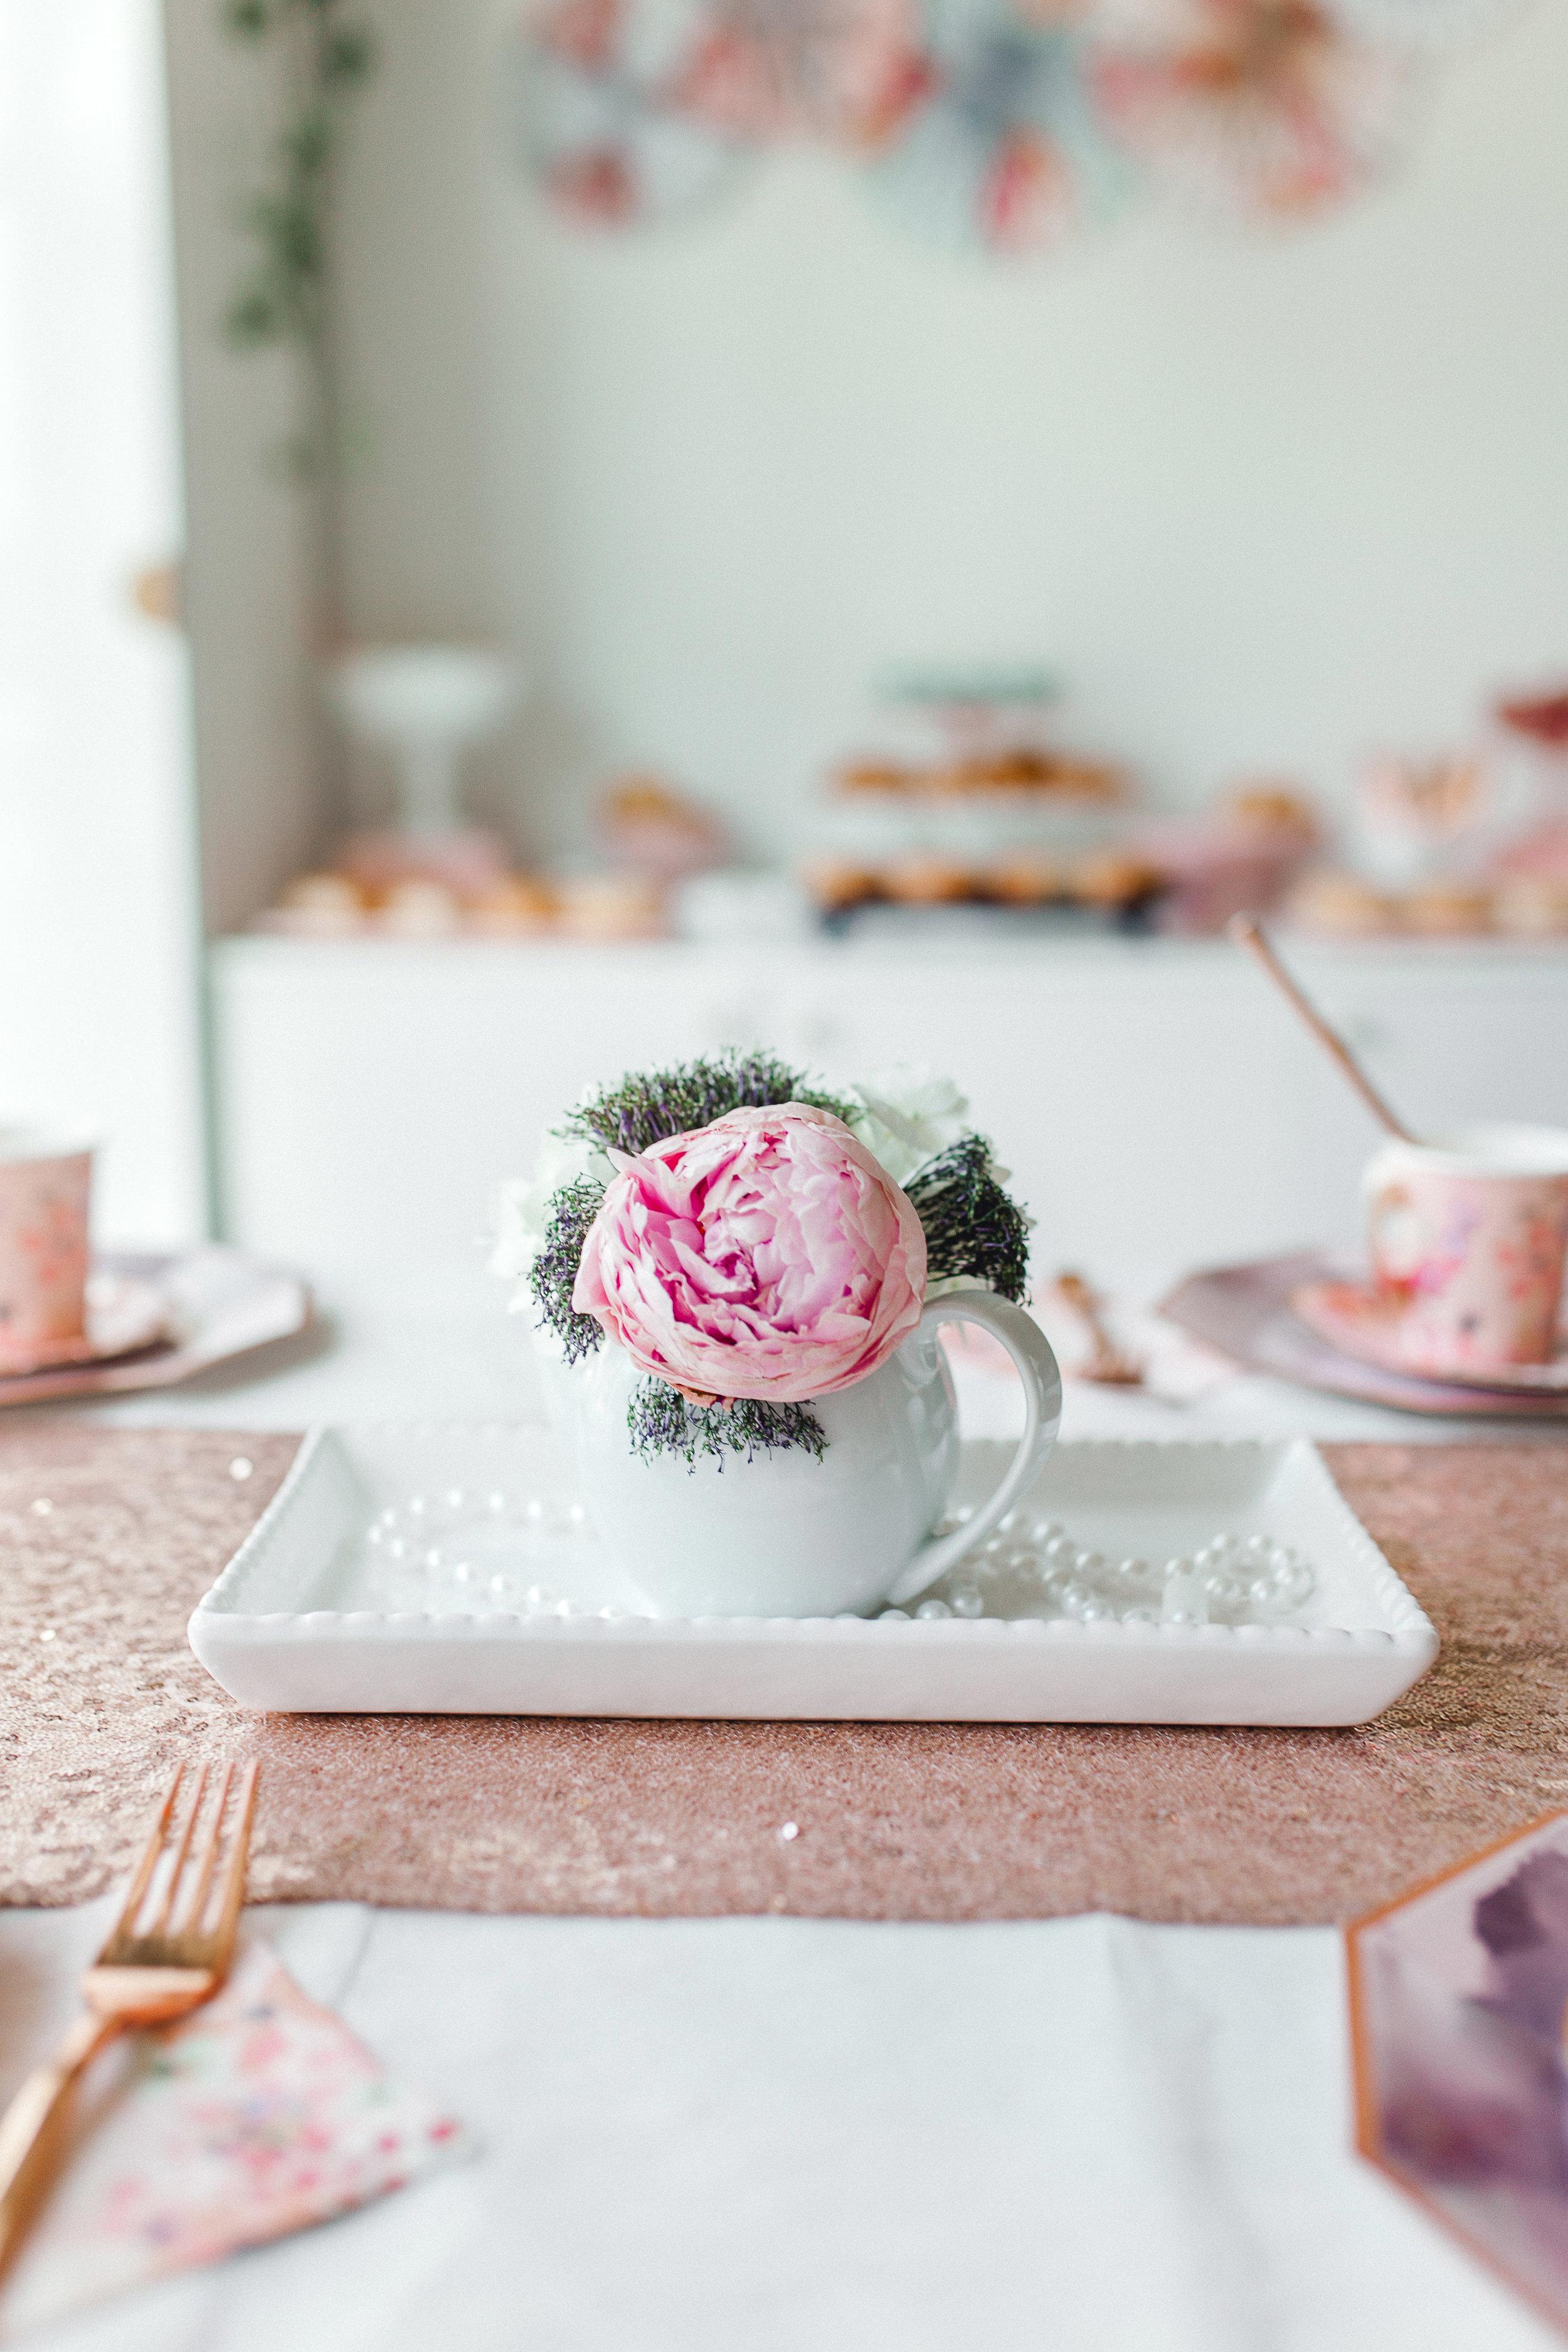 Floral Tea Pots by Popseri